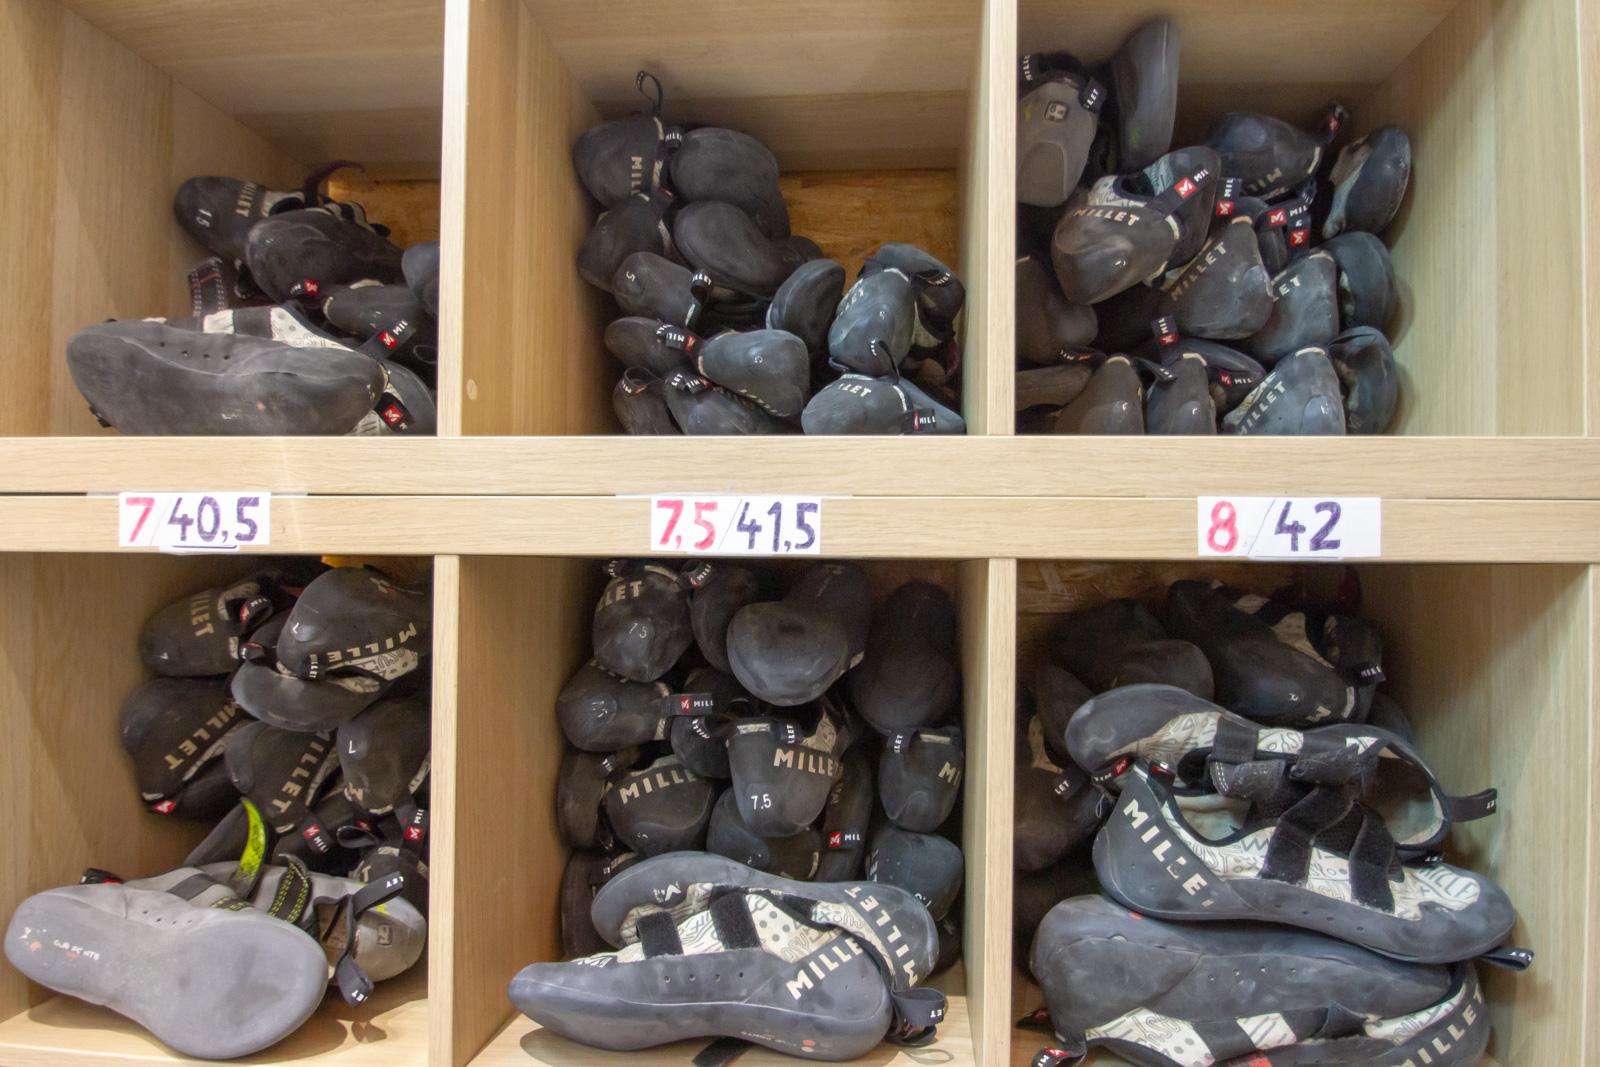 Les chaussons peuvent être loués